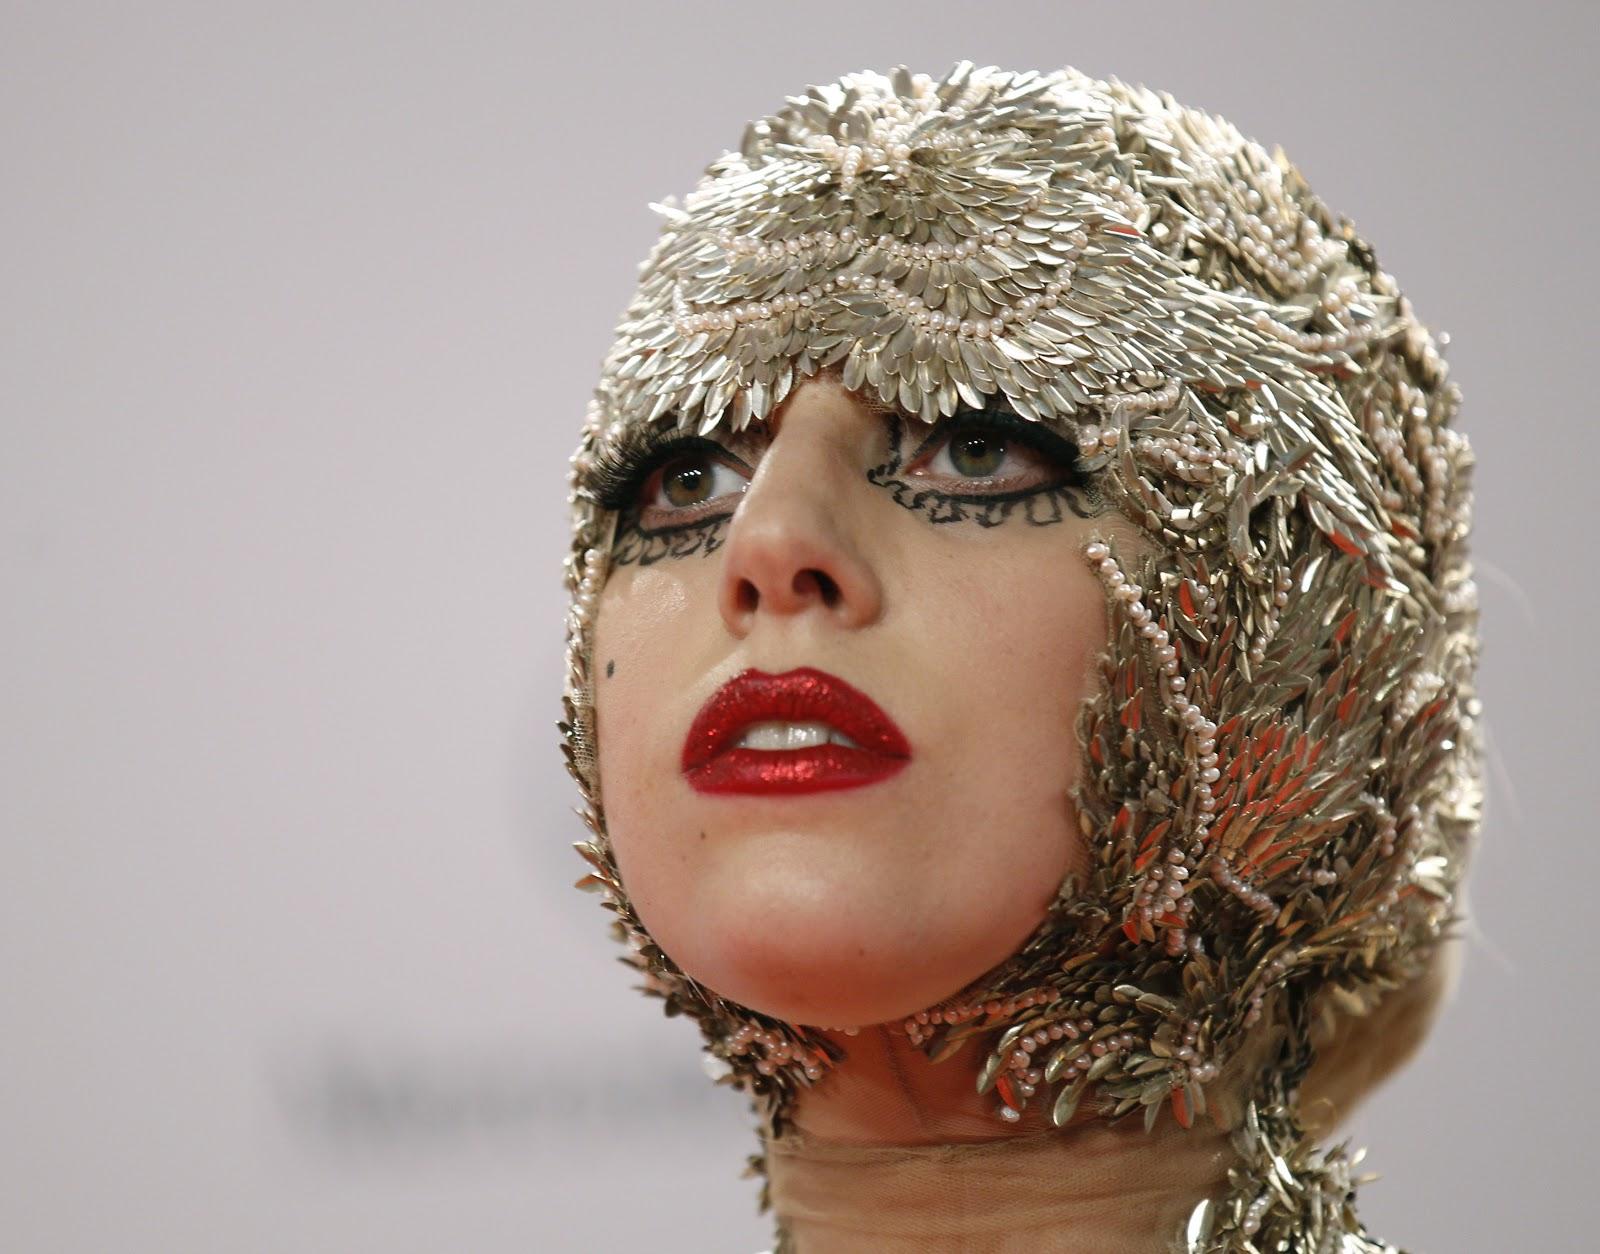 http://4.bp.blogspot.com/-koBBRSzXxRM/UIRNlsiAGjI/AAAAAAAAFF4/vYFUTtUY8z4/s1600/lady-gaga-hot-poker-face-man-twickenham-(1).jpg